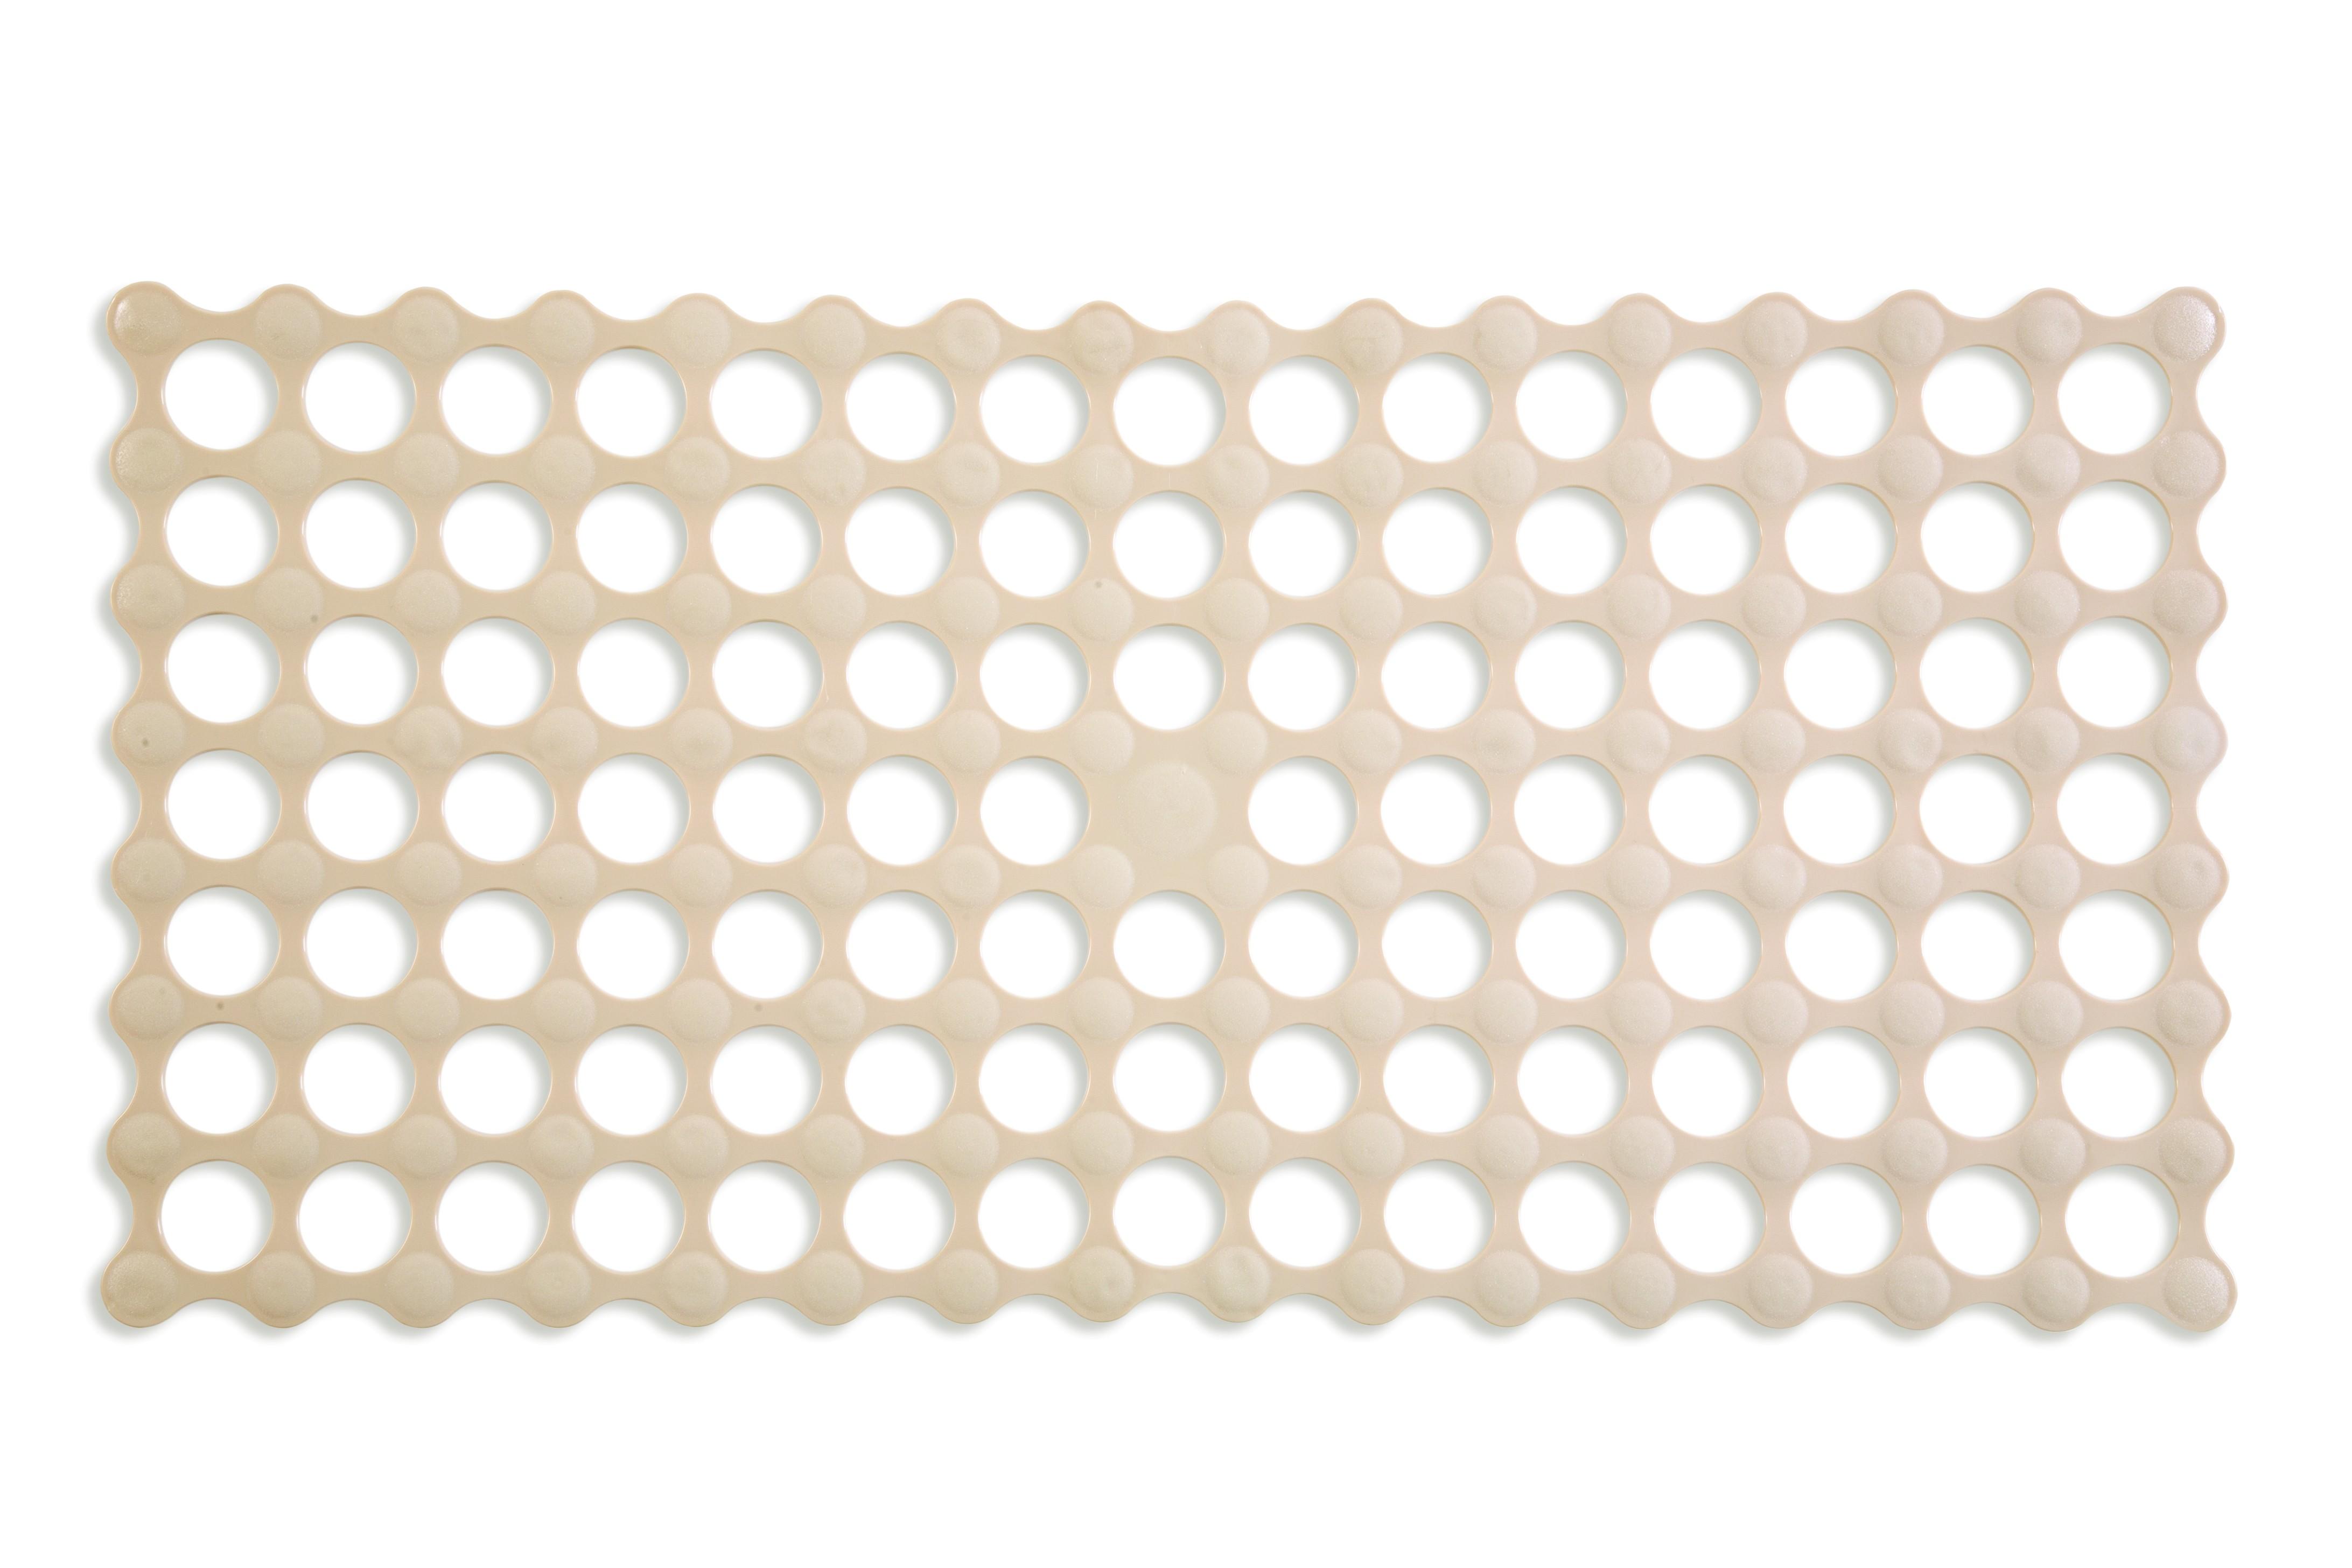 Αντιολισθητικό Ταπέτο Μπάνιου Golf Μπεζ 34X68 home   ειδη μπανιου   χαλιά   πατάκια μπάνιου